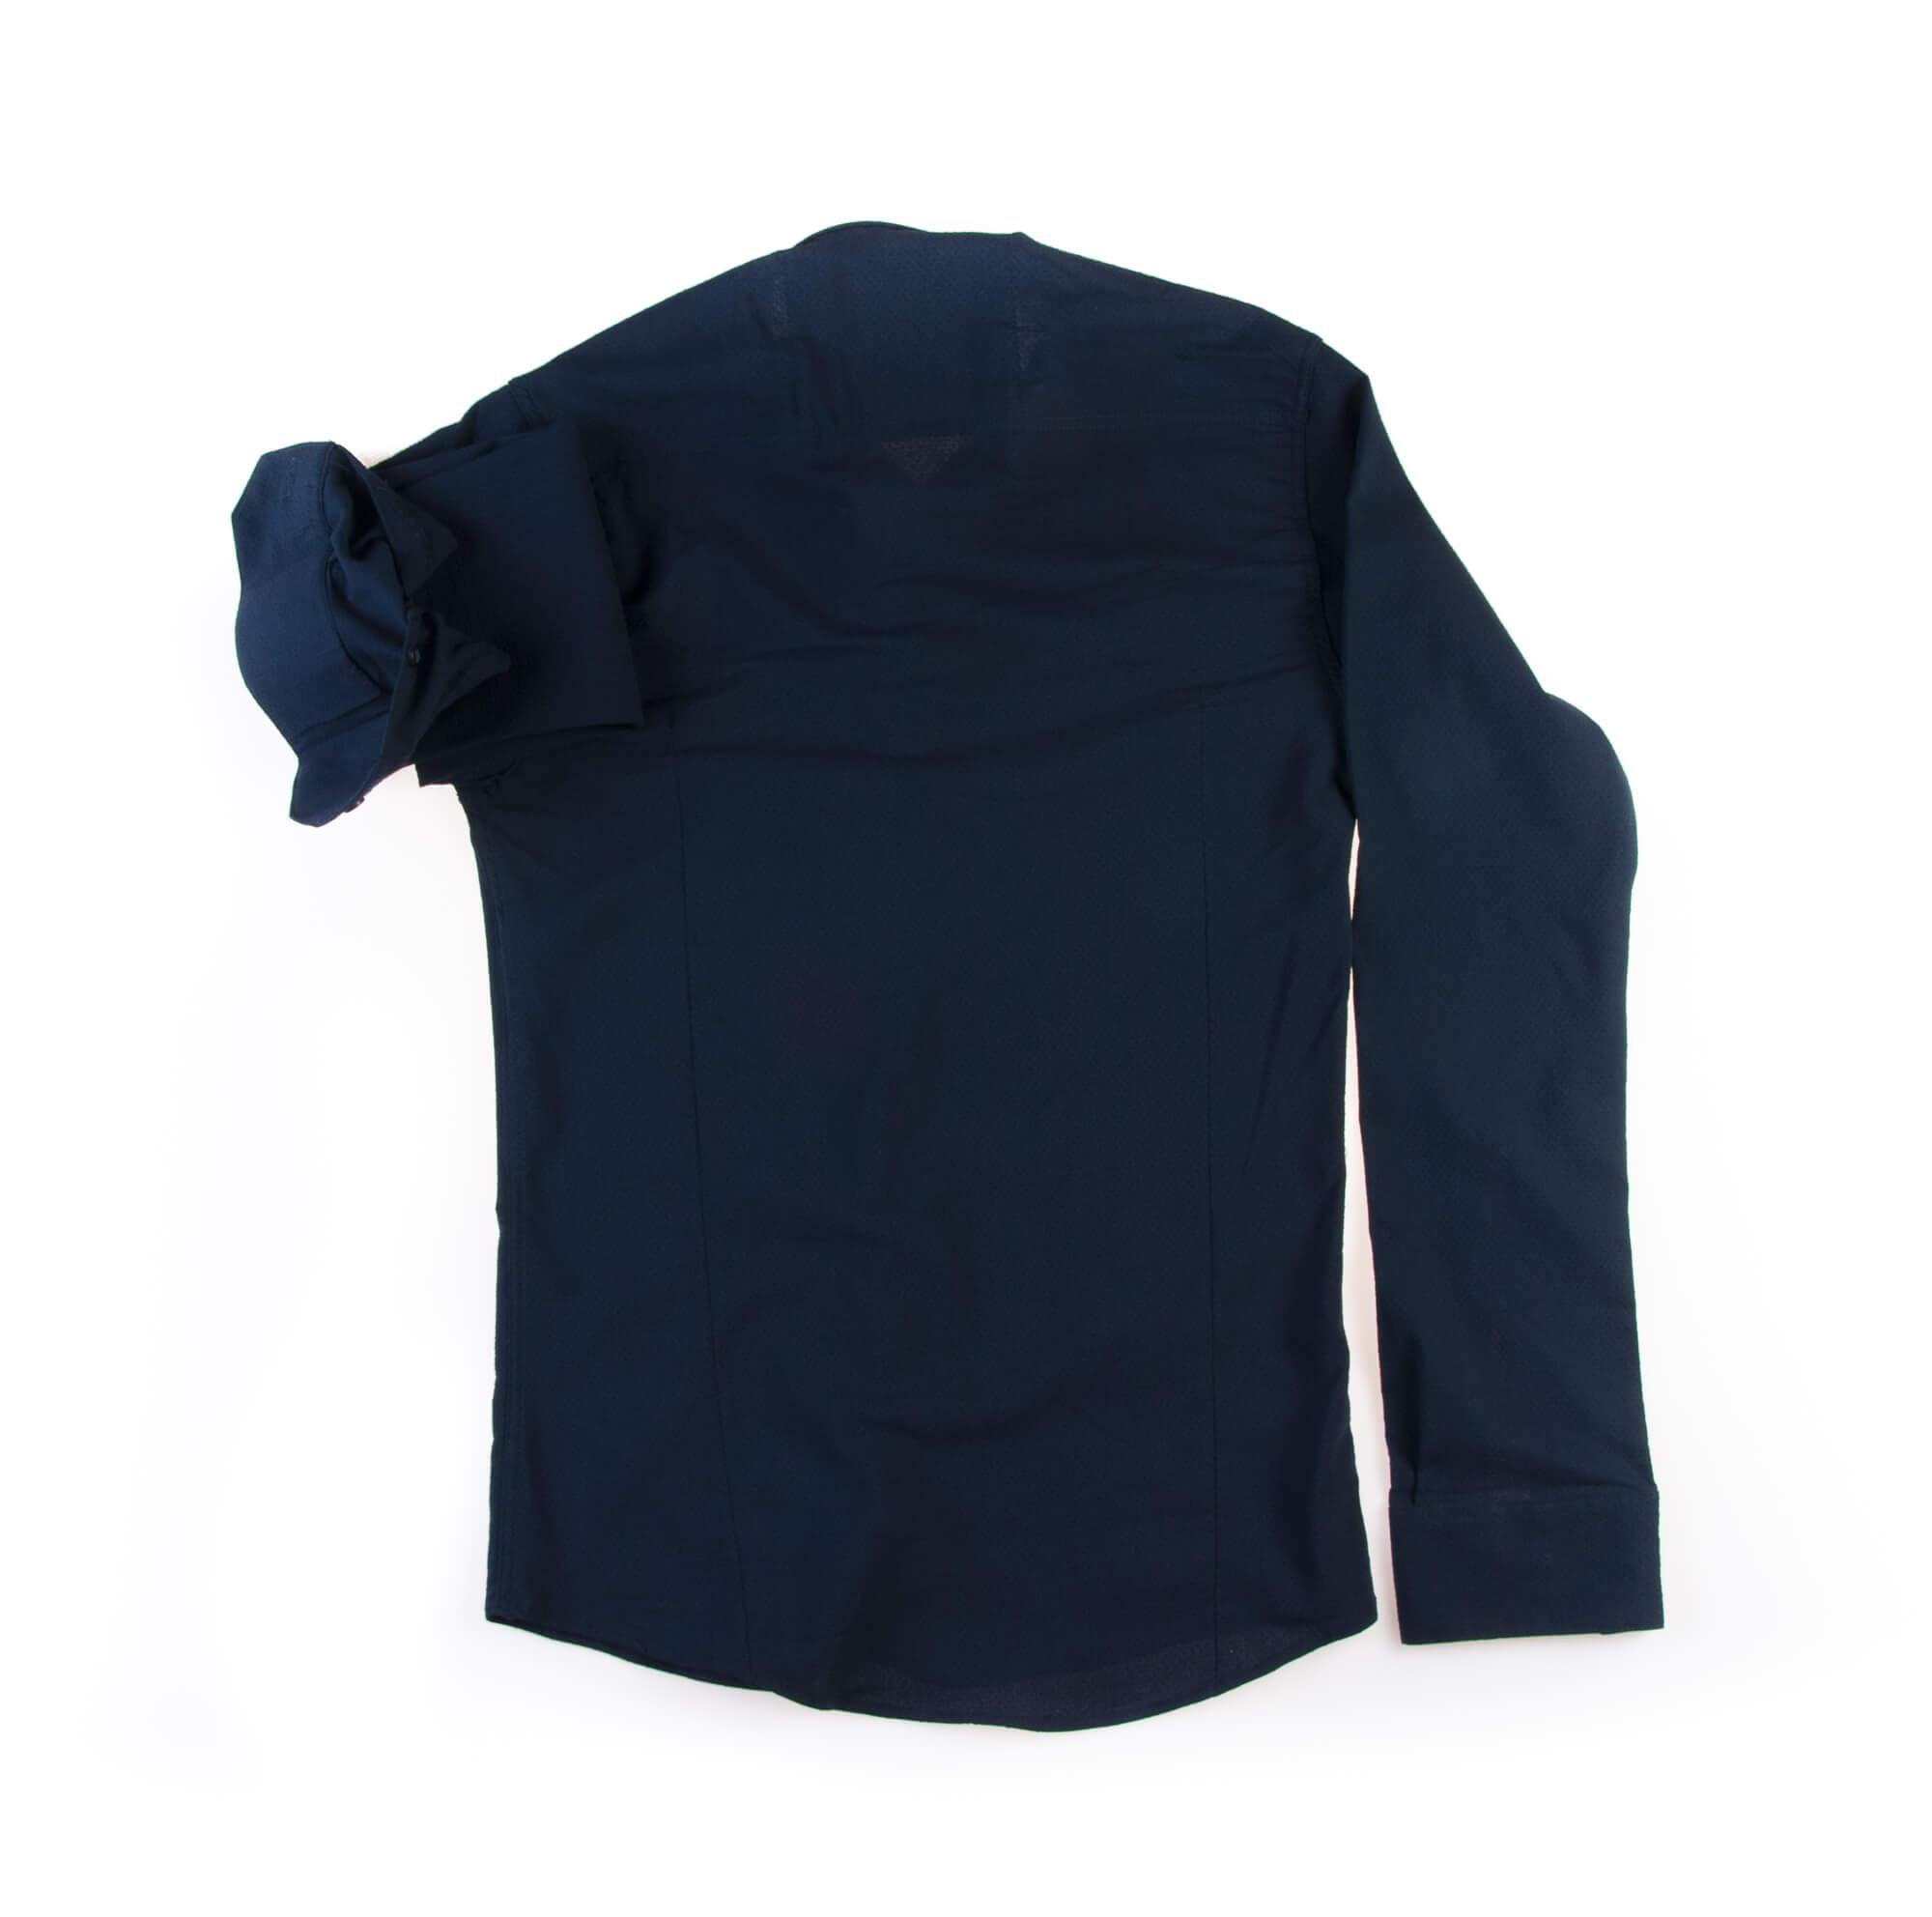 پیراهن ساده مردانه سورمه ای P1010